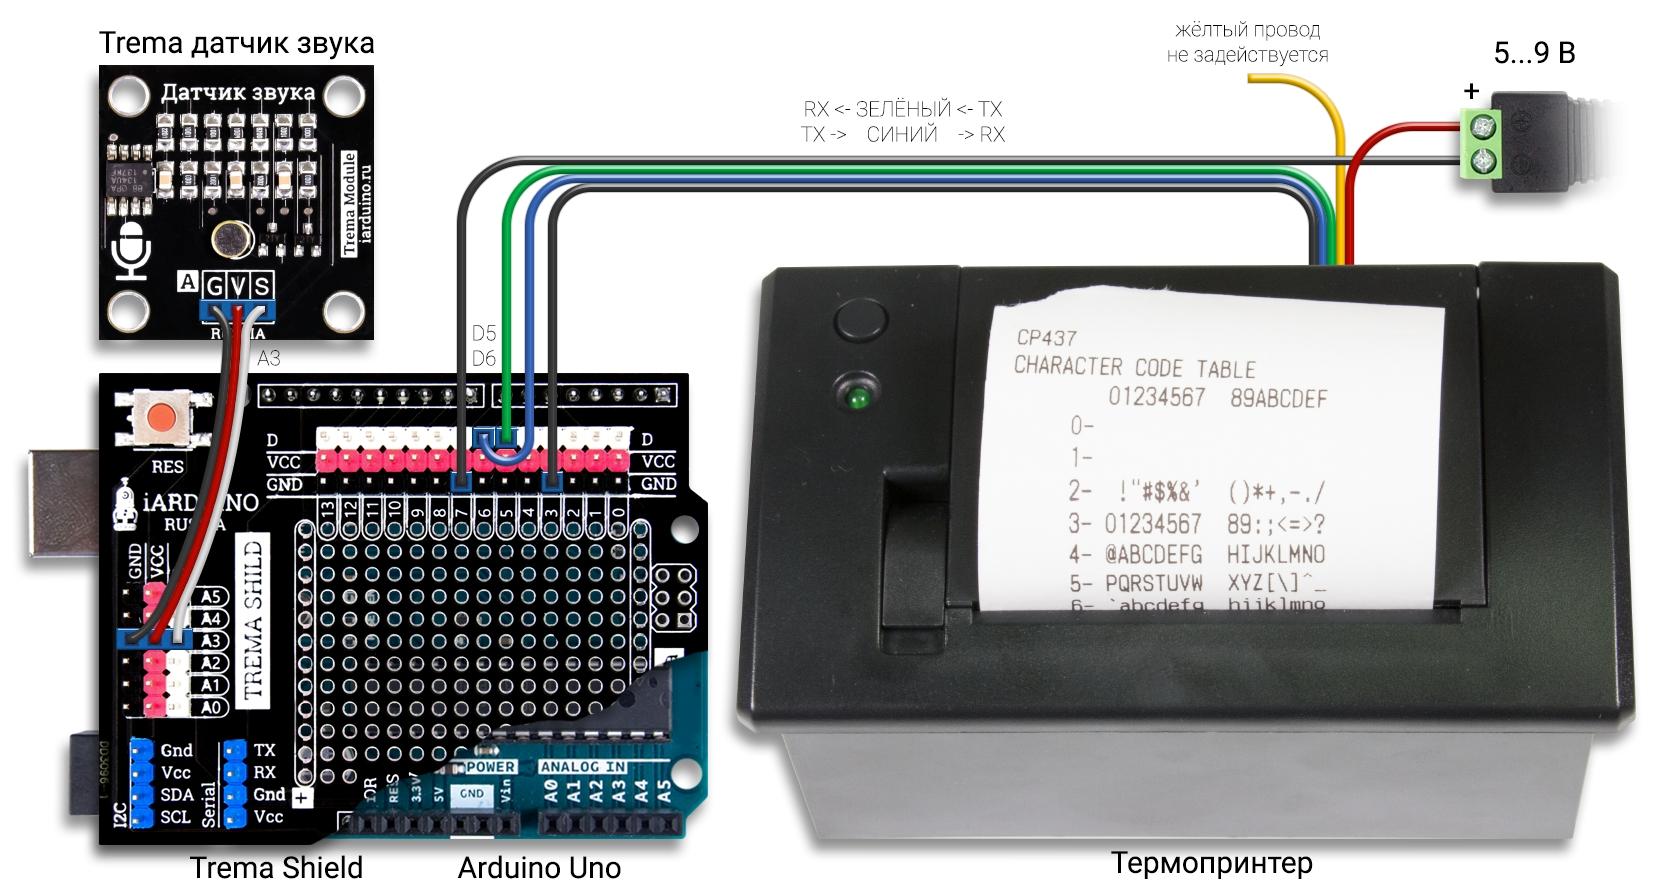 Декодер азбуки Морзе на Arduino UNO с выводом данных в термопринтер